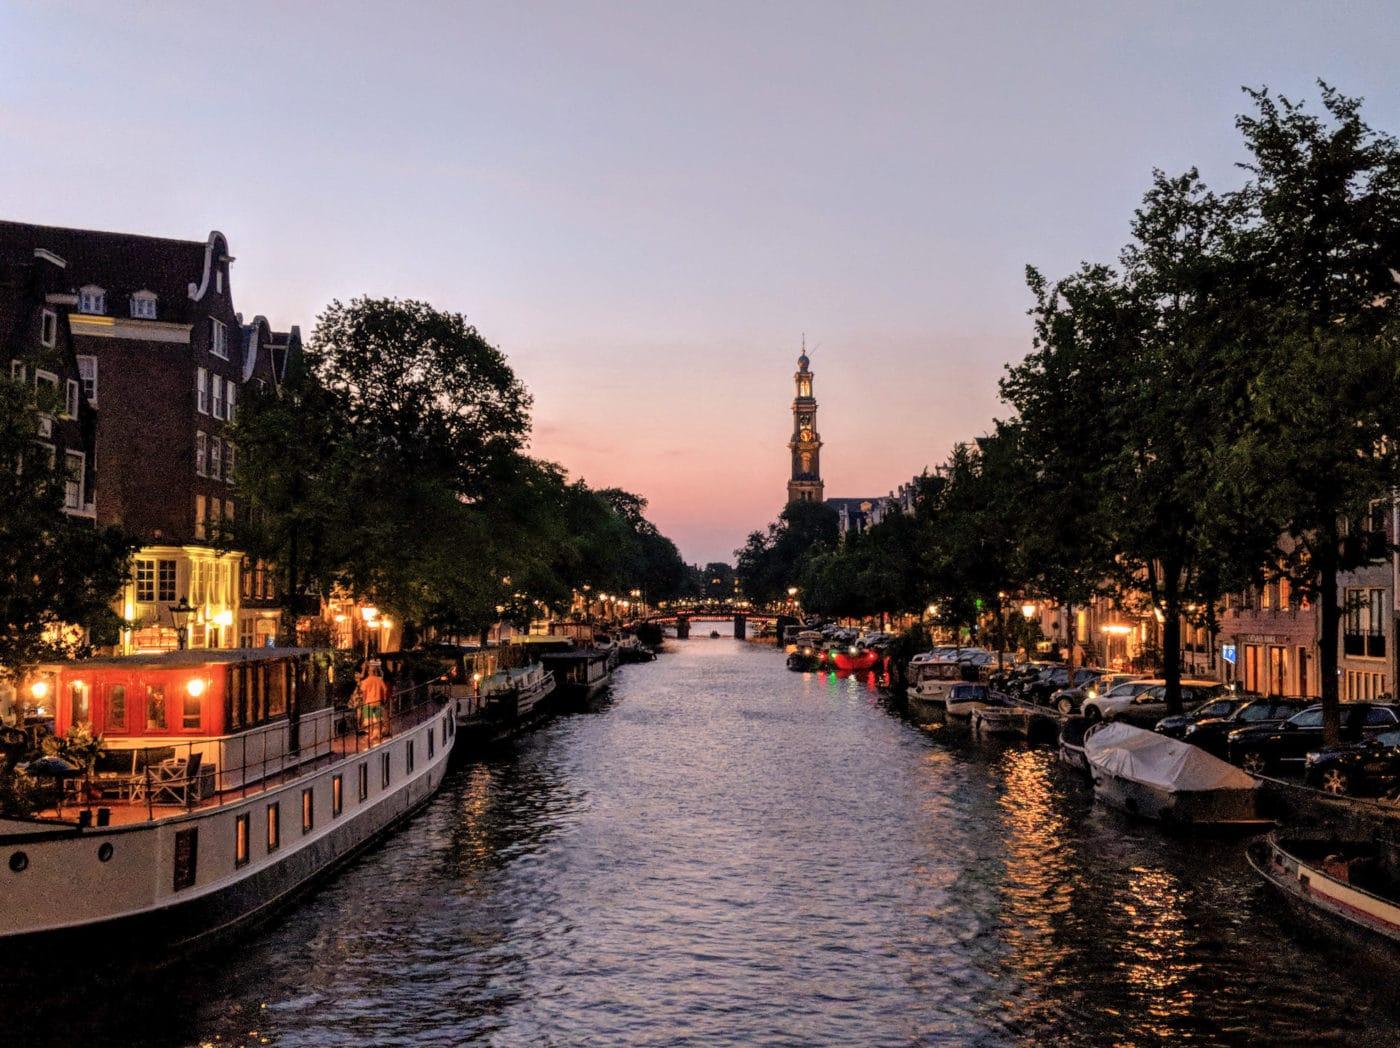 Beautiful Amsterdam at dusk